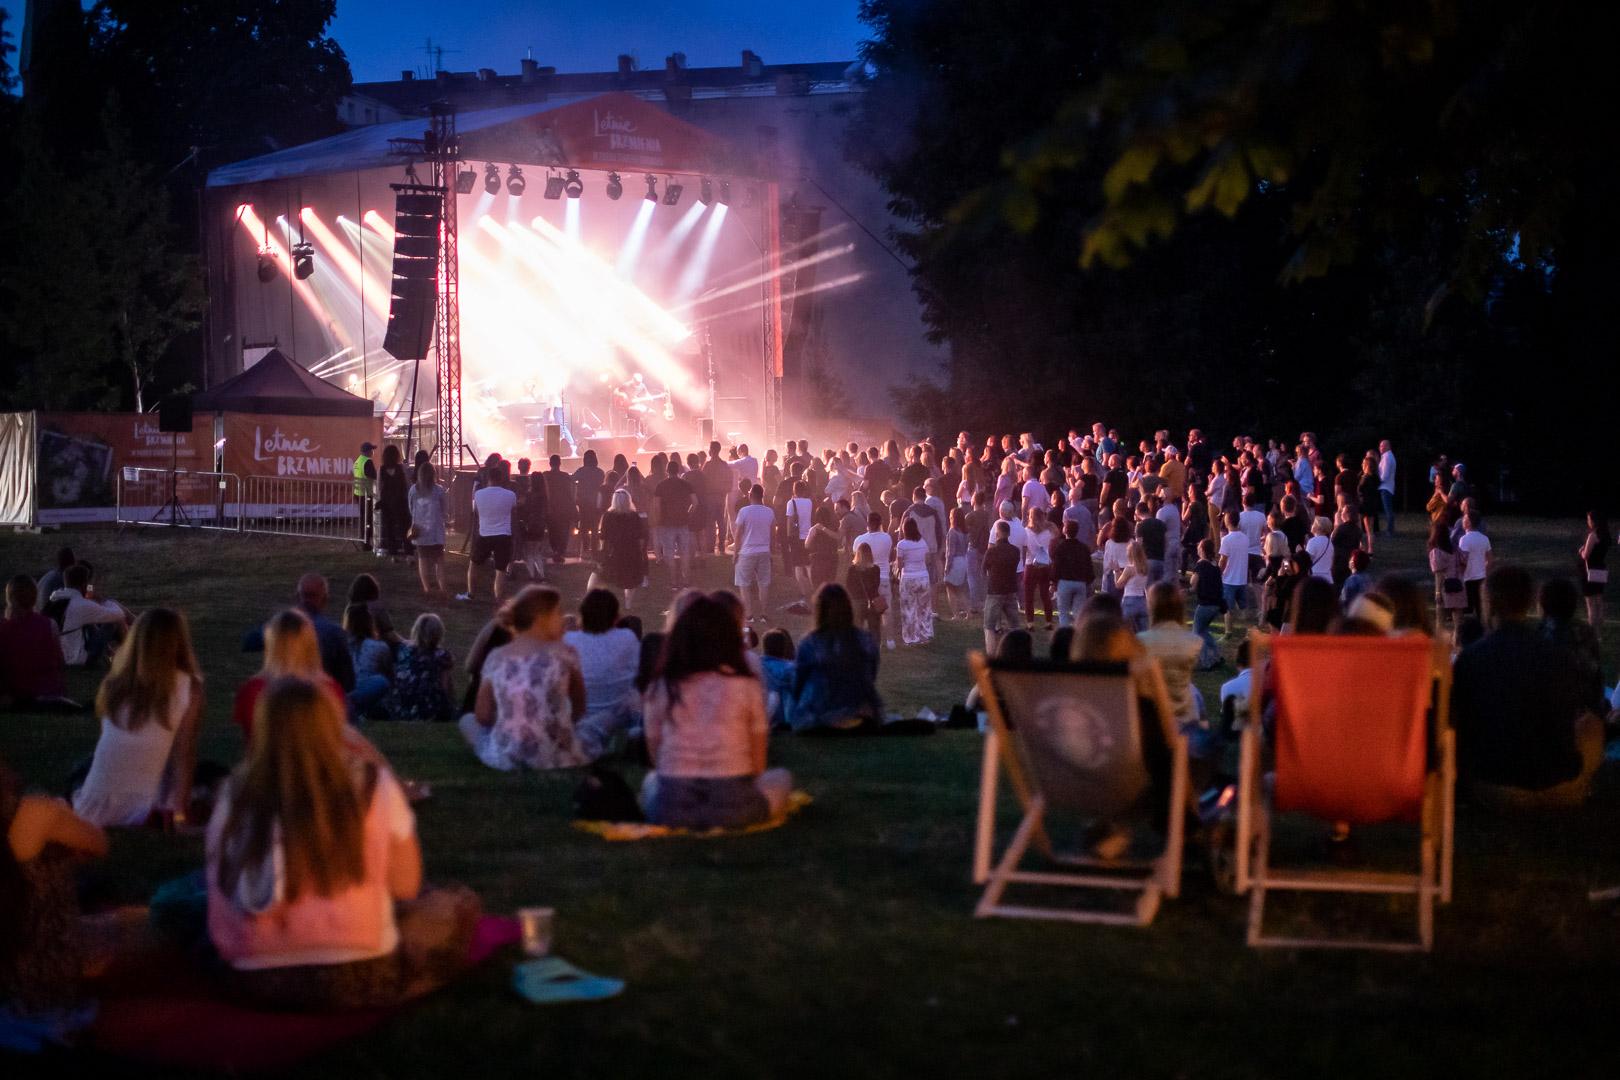 Kupuj koncertowo w Starym Browarze – zrób zakupy i odbierz bilet na koncert